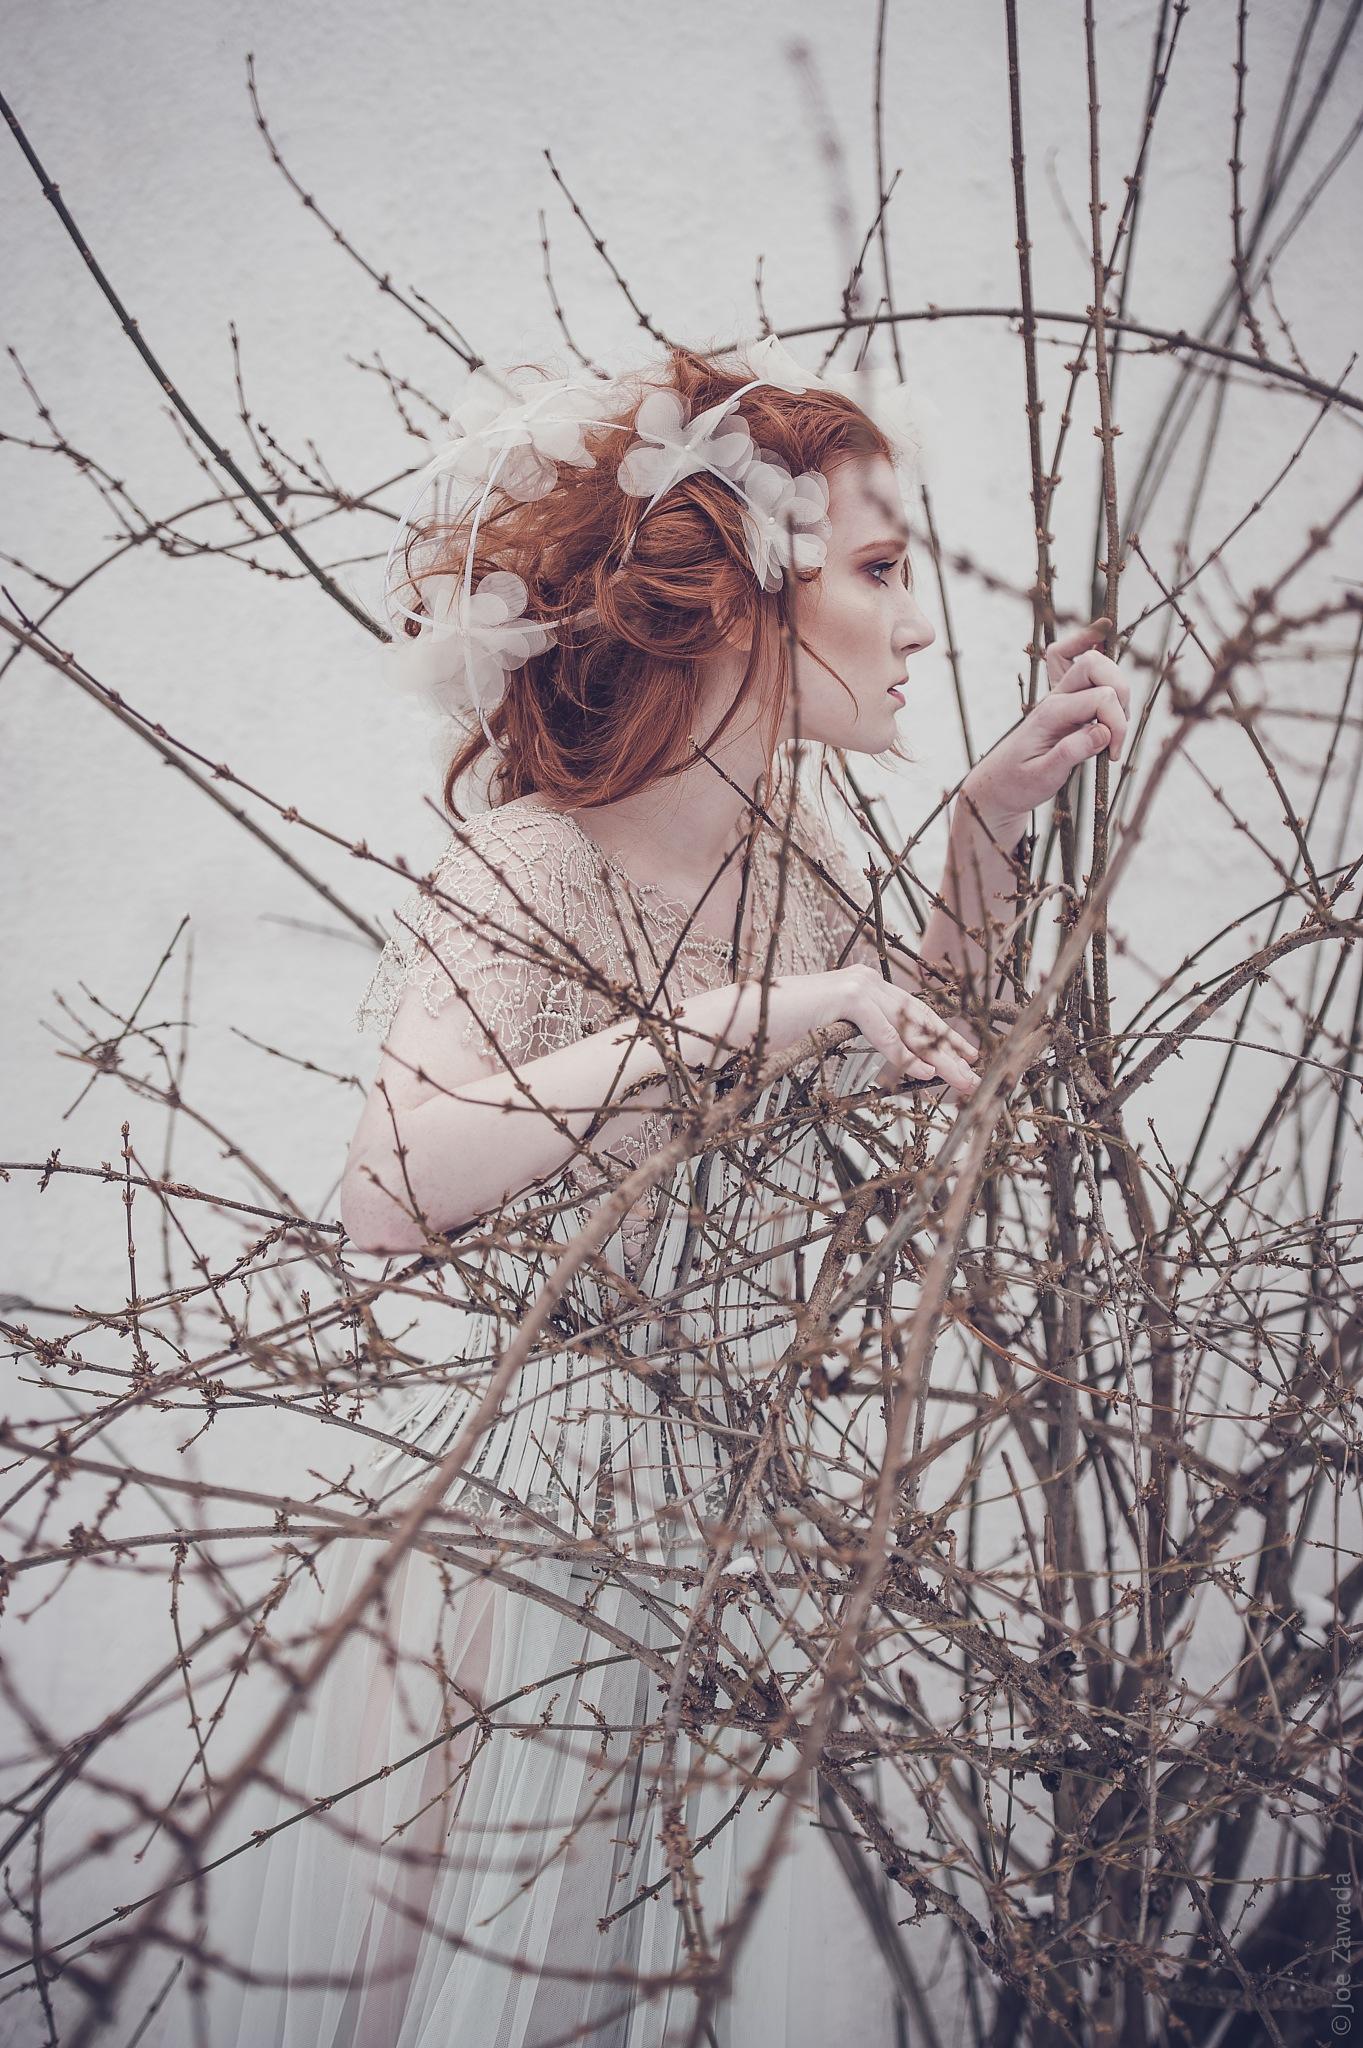 I am  by Joanna Joe Zawada